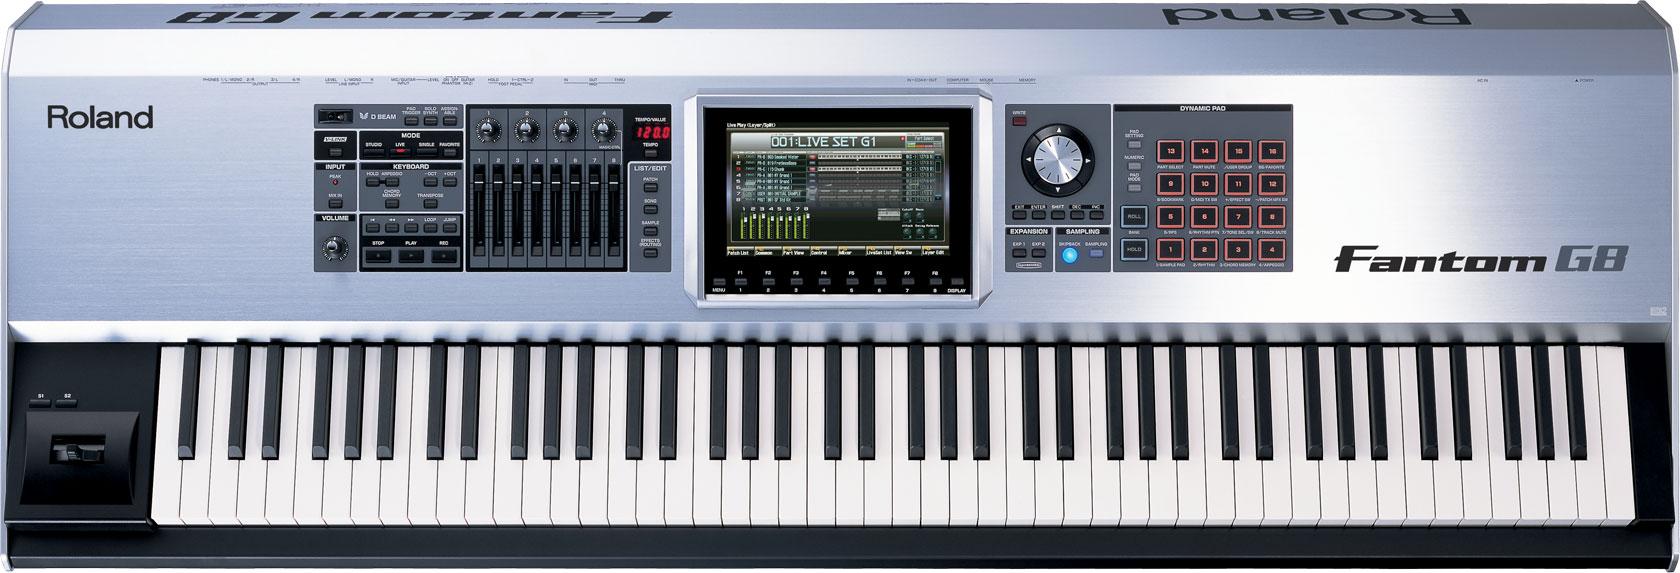 roland fantom g8 workstation keyboard. Black Bedroom Furniture Sets. Home Design Ideas